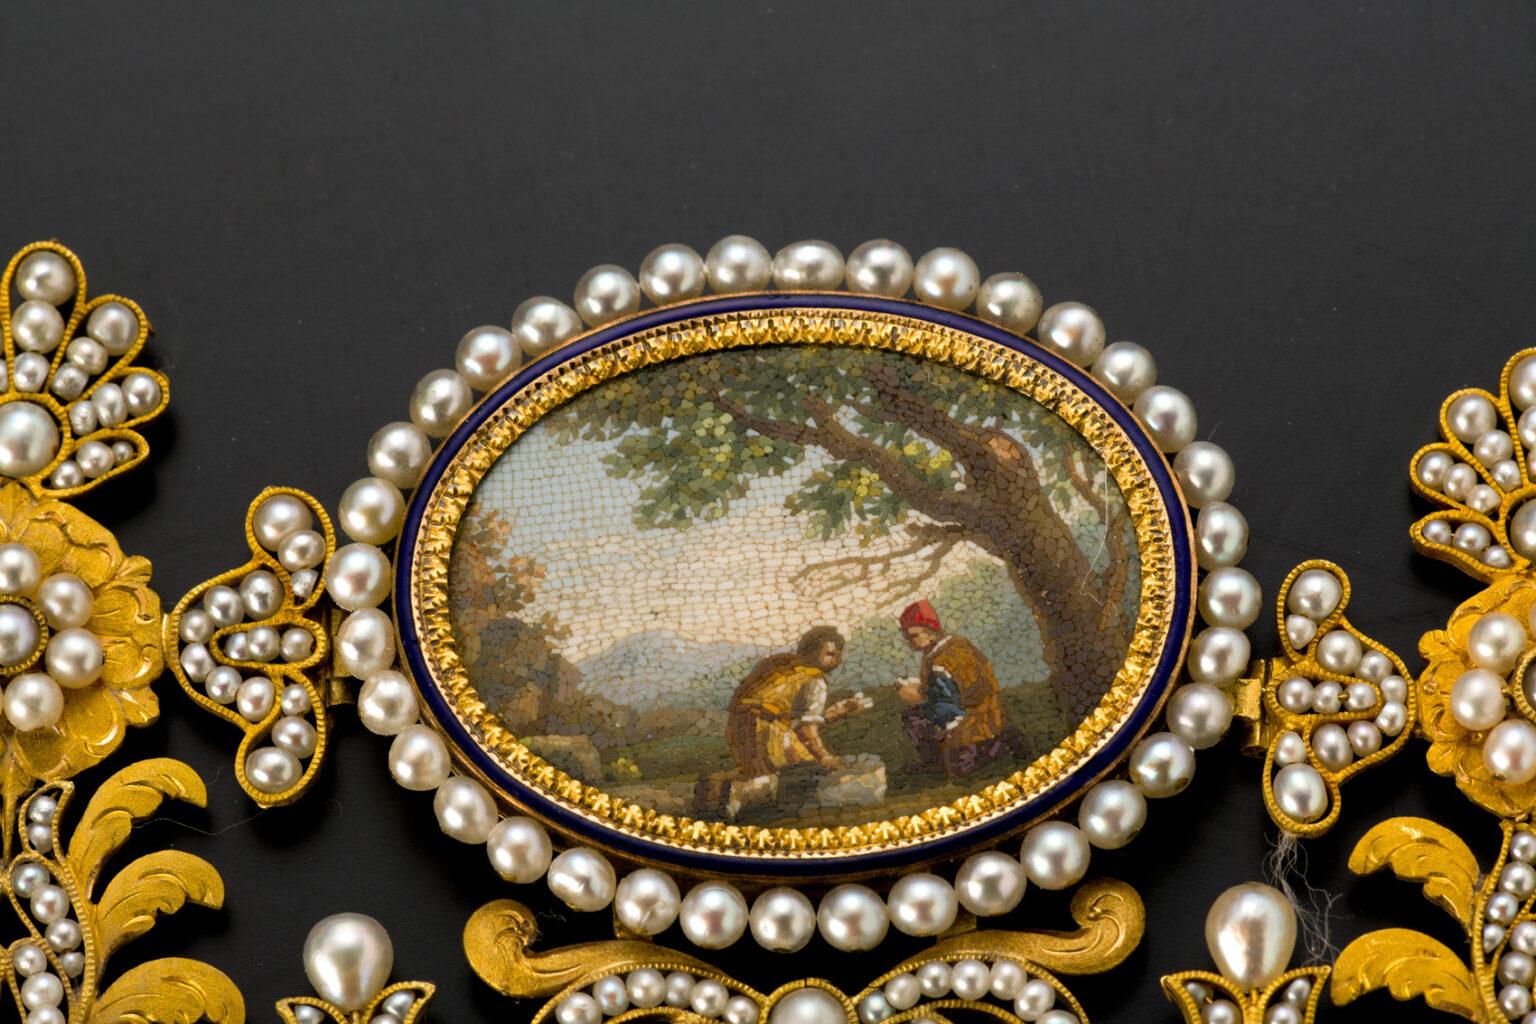 Šperky ze sbírky UPM v Praze součástí luxusní výstavy v Paříži